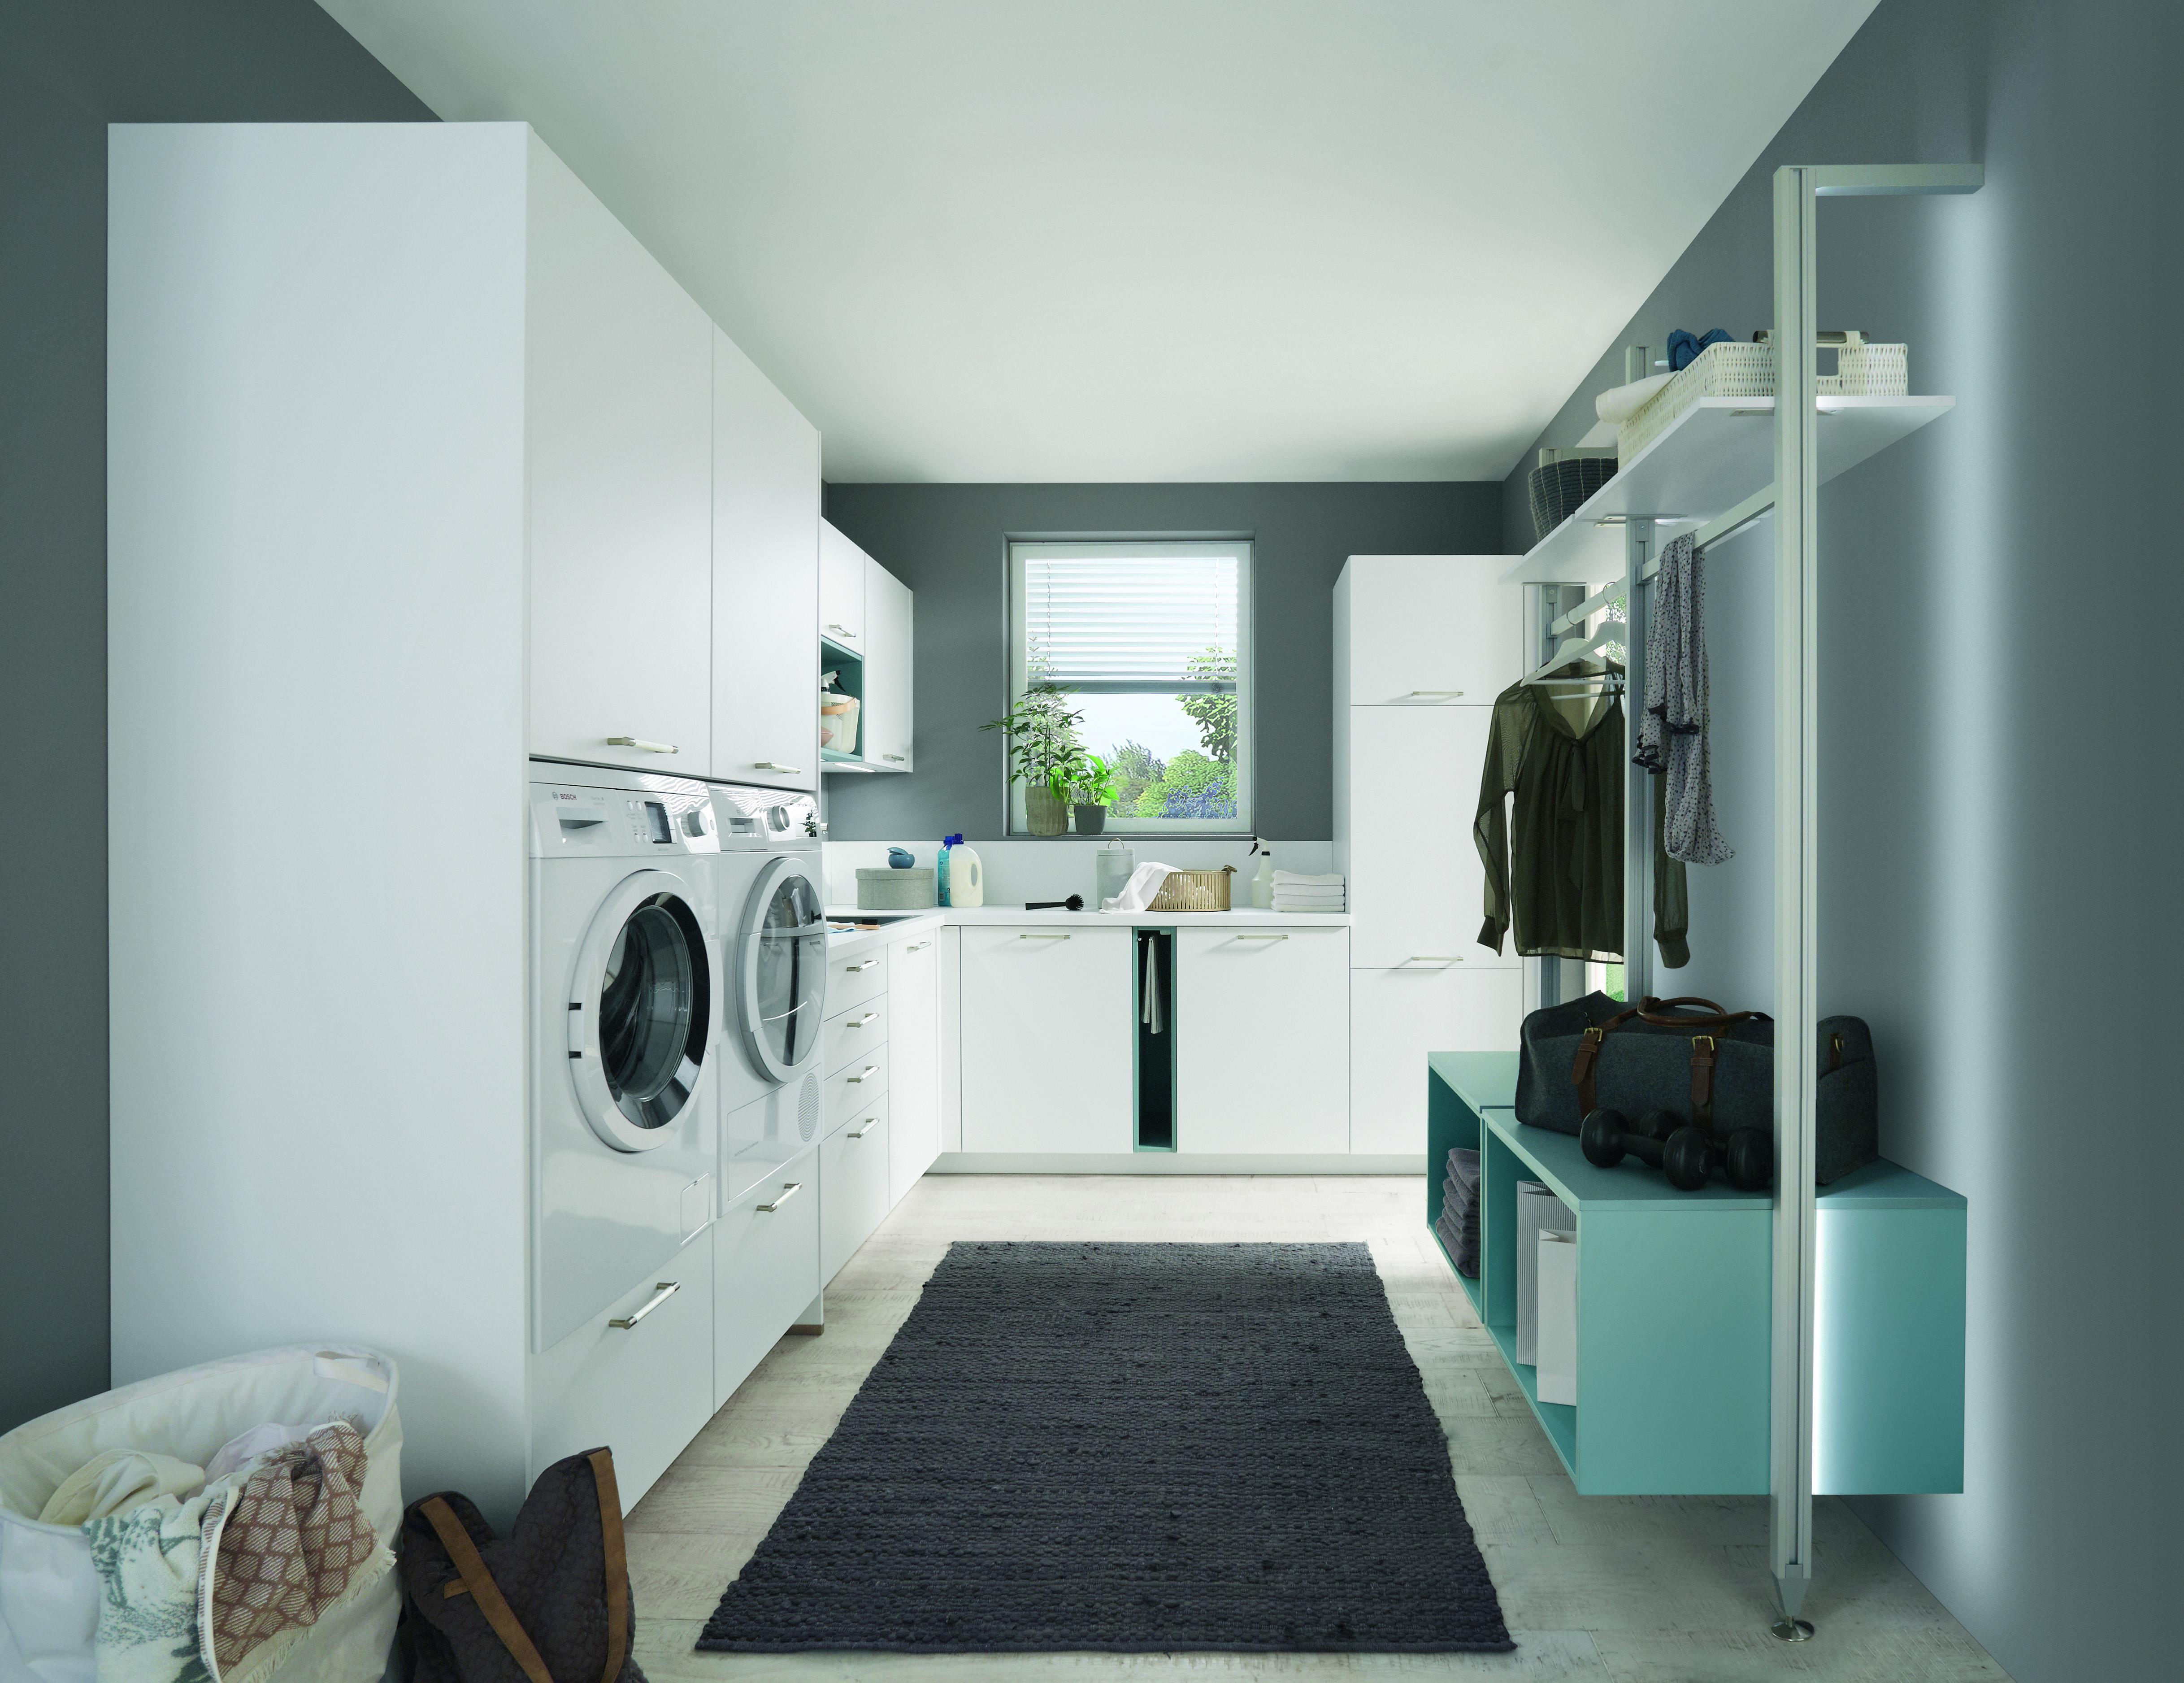 Bevorzugt Einen Hauswirtschaftsraum planen und praktisch einrichten - Küche&Co RL54